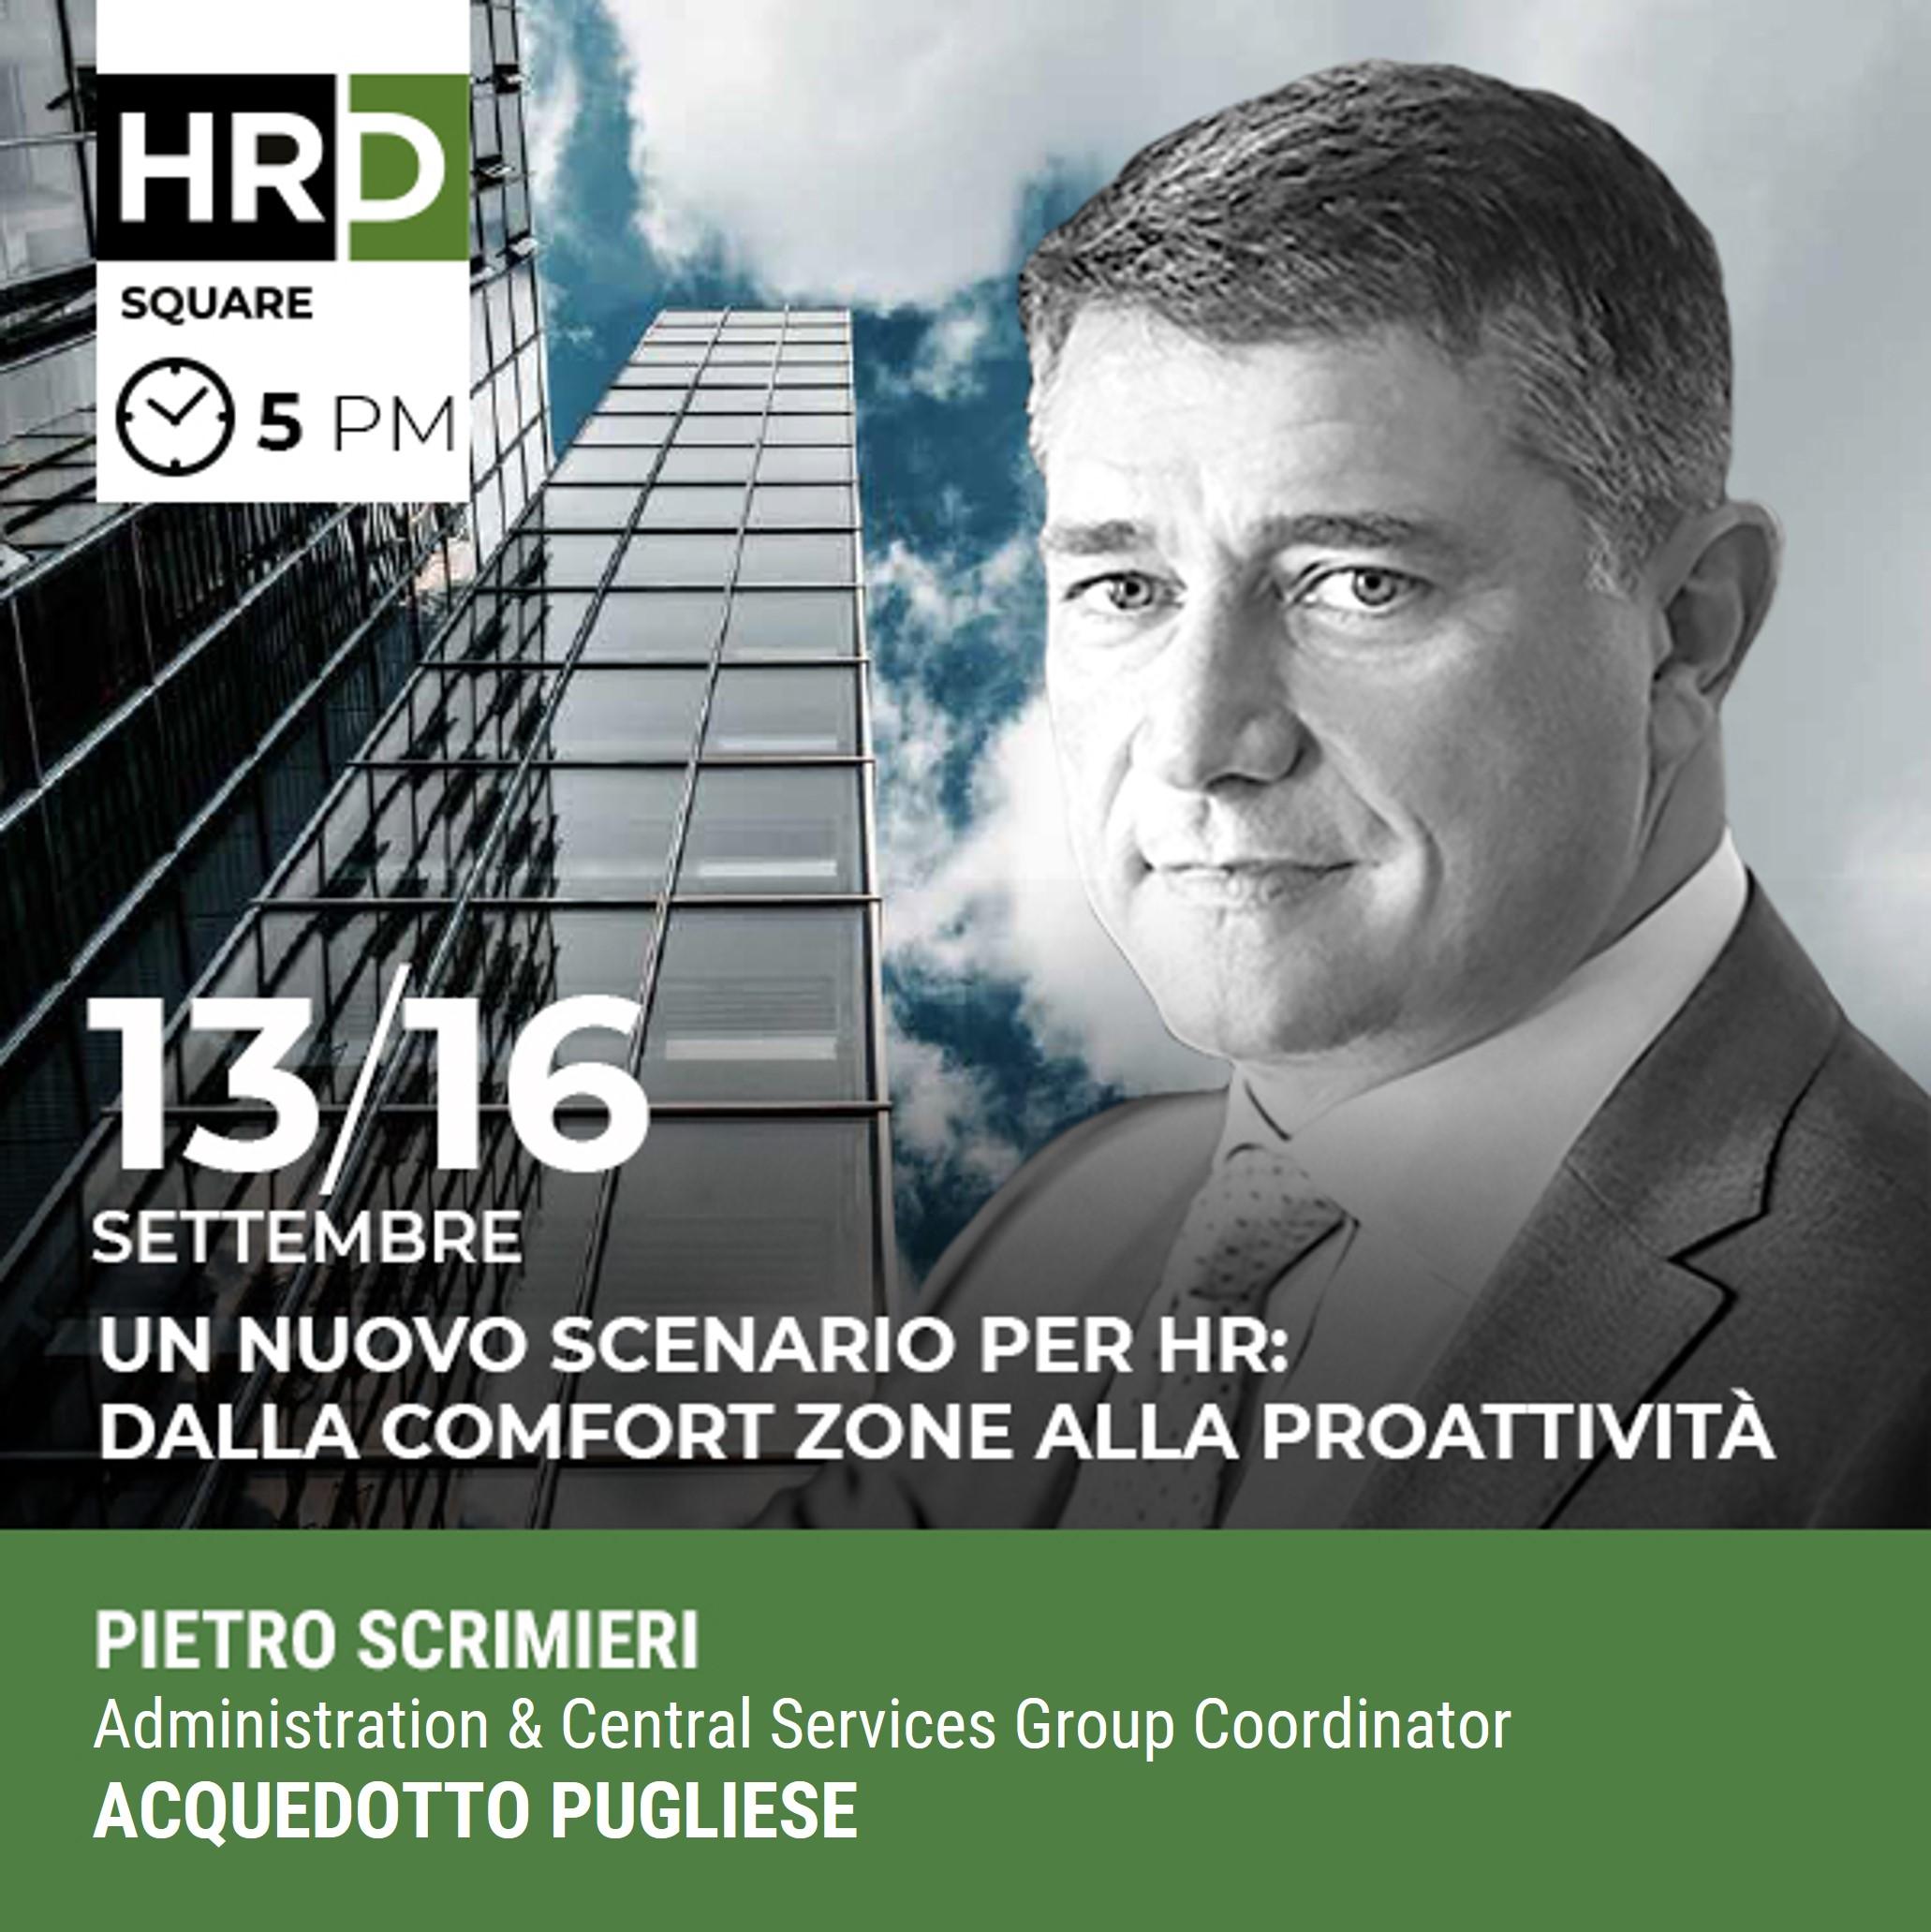 HRD Square - LA ZONA DI PANICO, LA PREDISPOSIZIONE AL CAMBIAMENTO E LA GESTIONE  ...